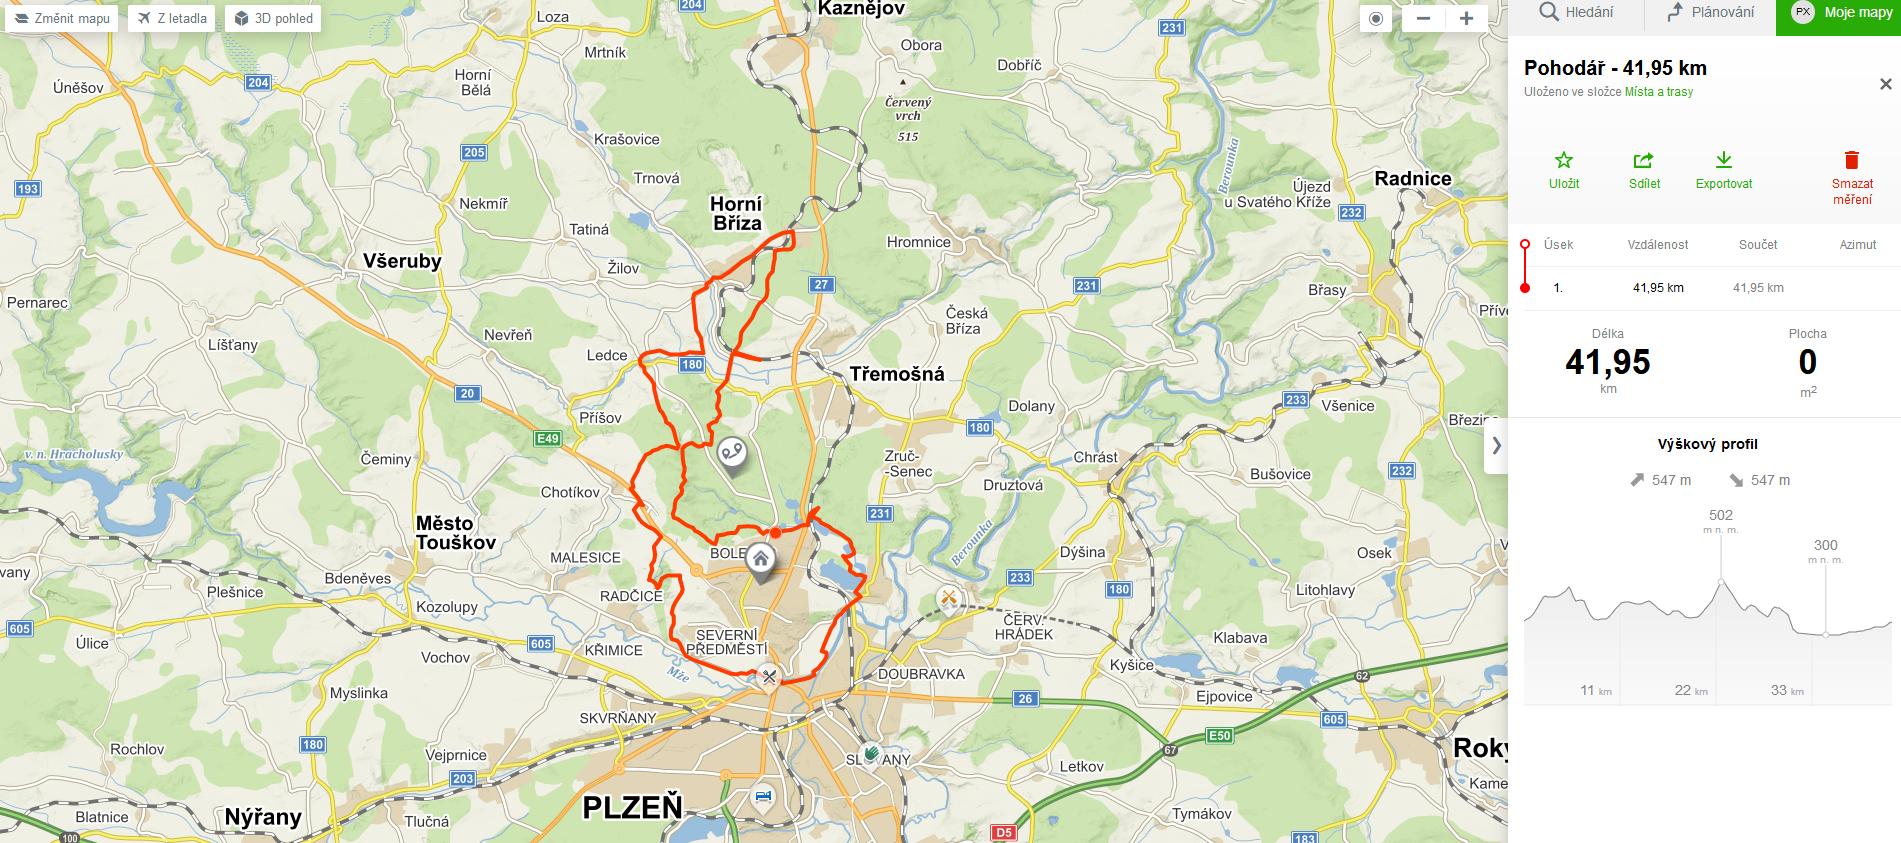 https://www.kempy-chaty.cz/sites/default/files/turistika/0._cyklopfanatik_pohodar_trasa.png